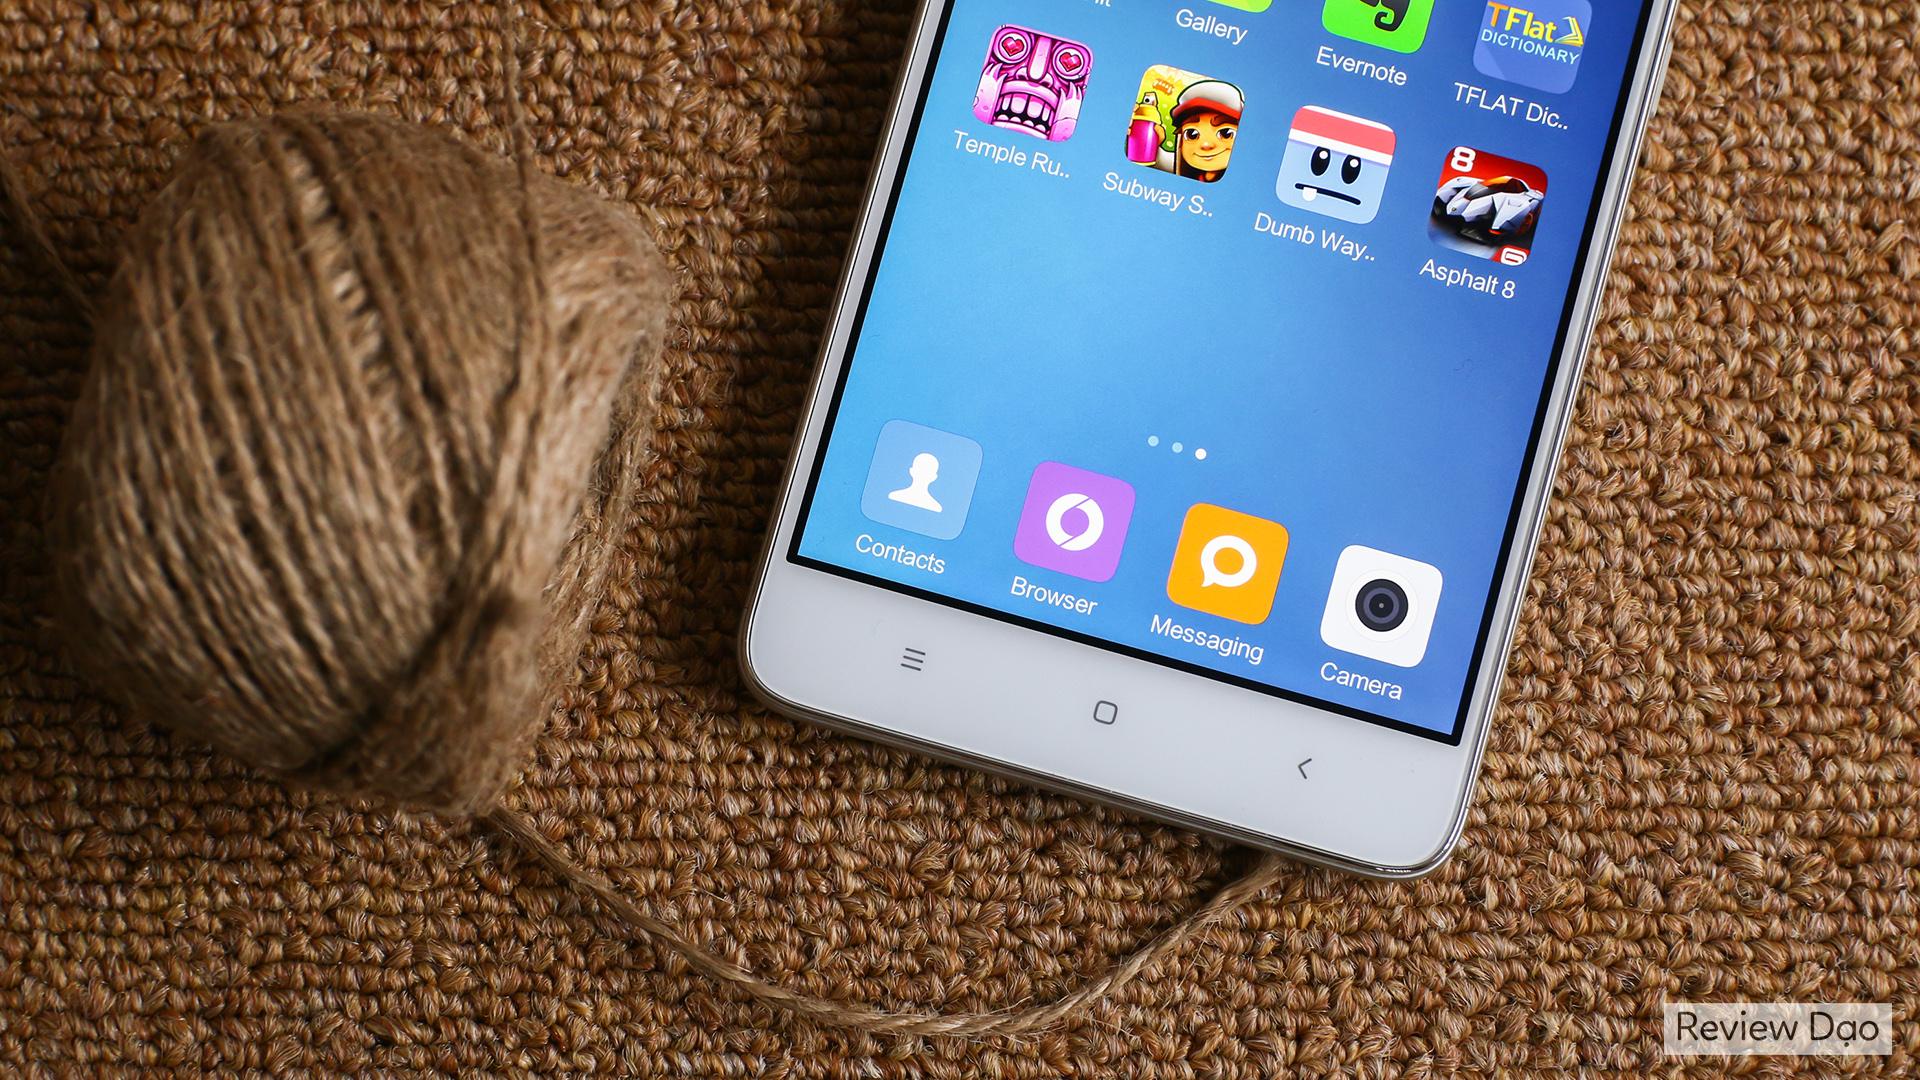 Đánh giá chi tiết Xiaomi Redmi Note 3 Pro – Review Dạo